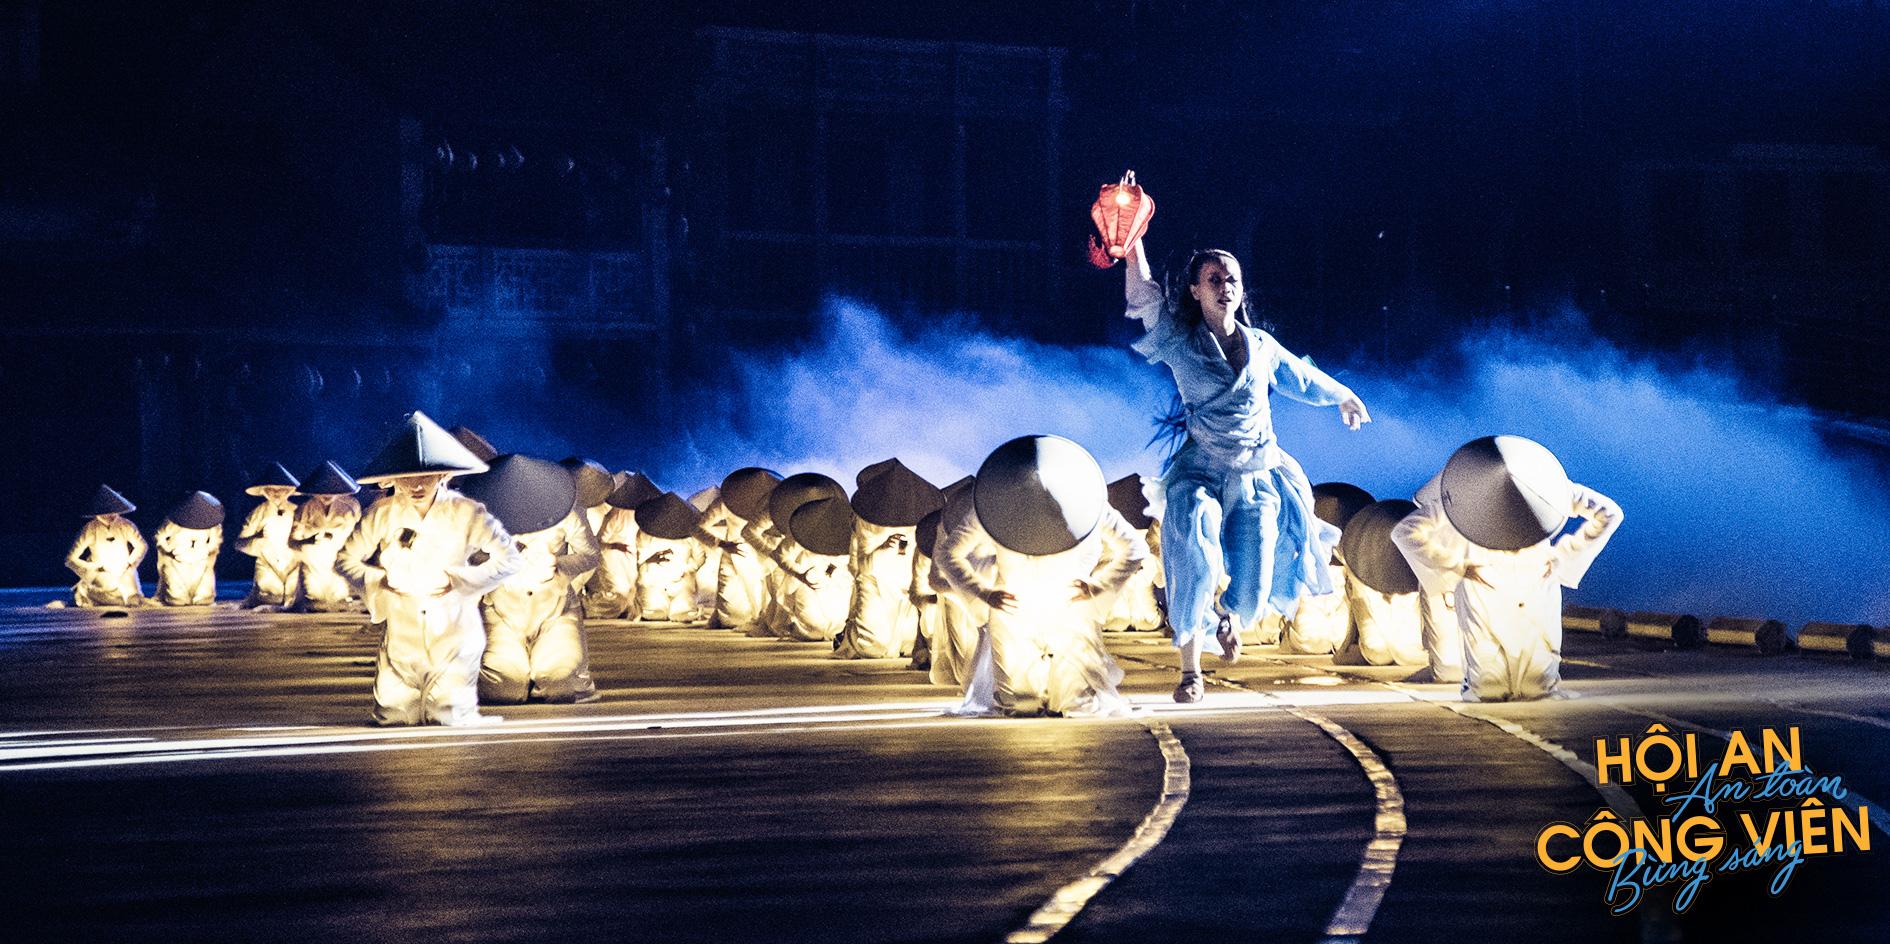 Chơi thật vui, show quá đã: ngày 1/6, vào cửa tự do chương trình biểu diễn thực cảnh Ký Ức Hội An và Công viên Ấn tượng Hội An - Ảnh 3.